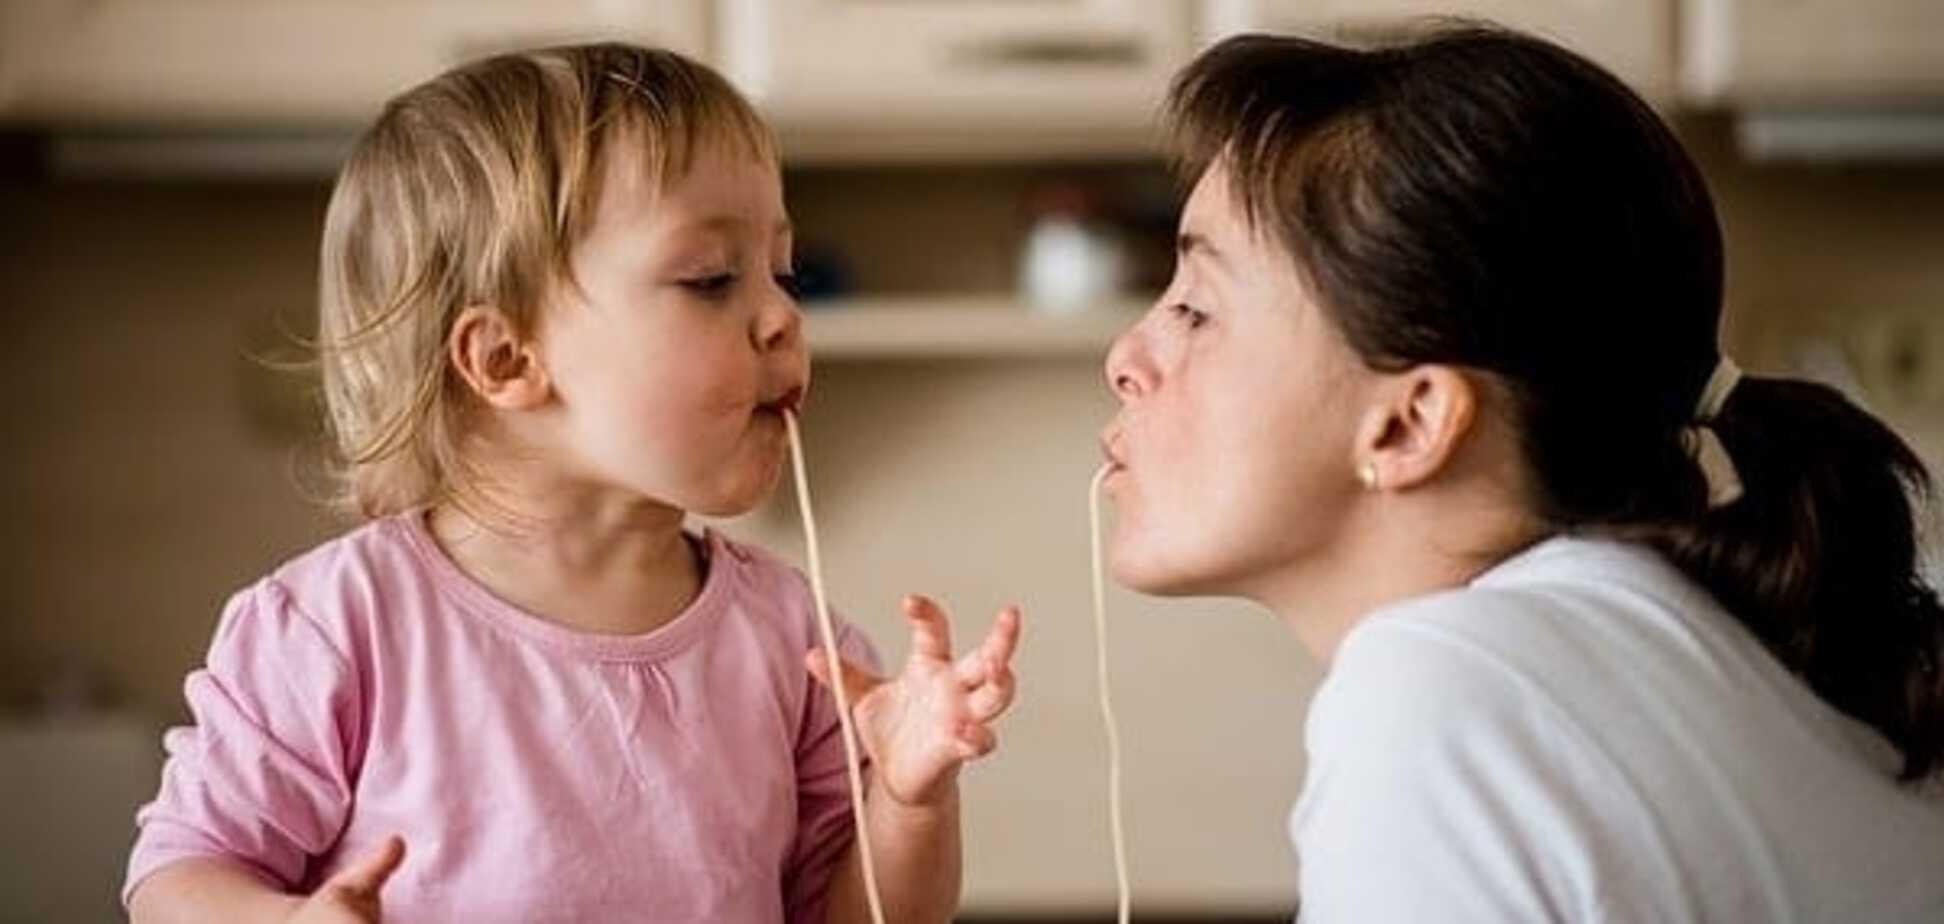 Потому что я - мама! 9 вещей, которых не стоит стыдиться мамам, несмотря на осуждения